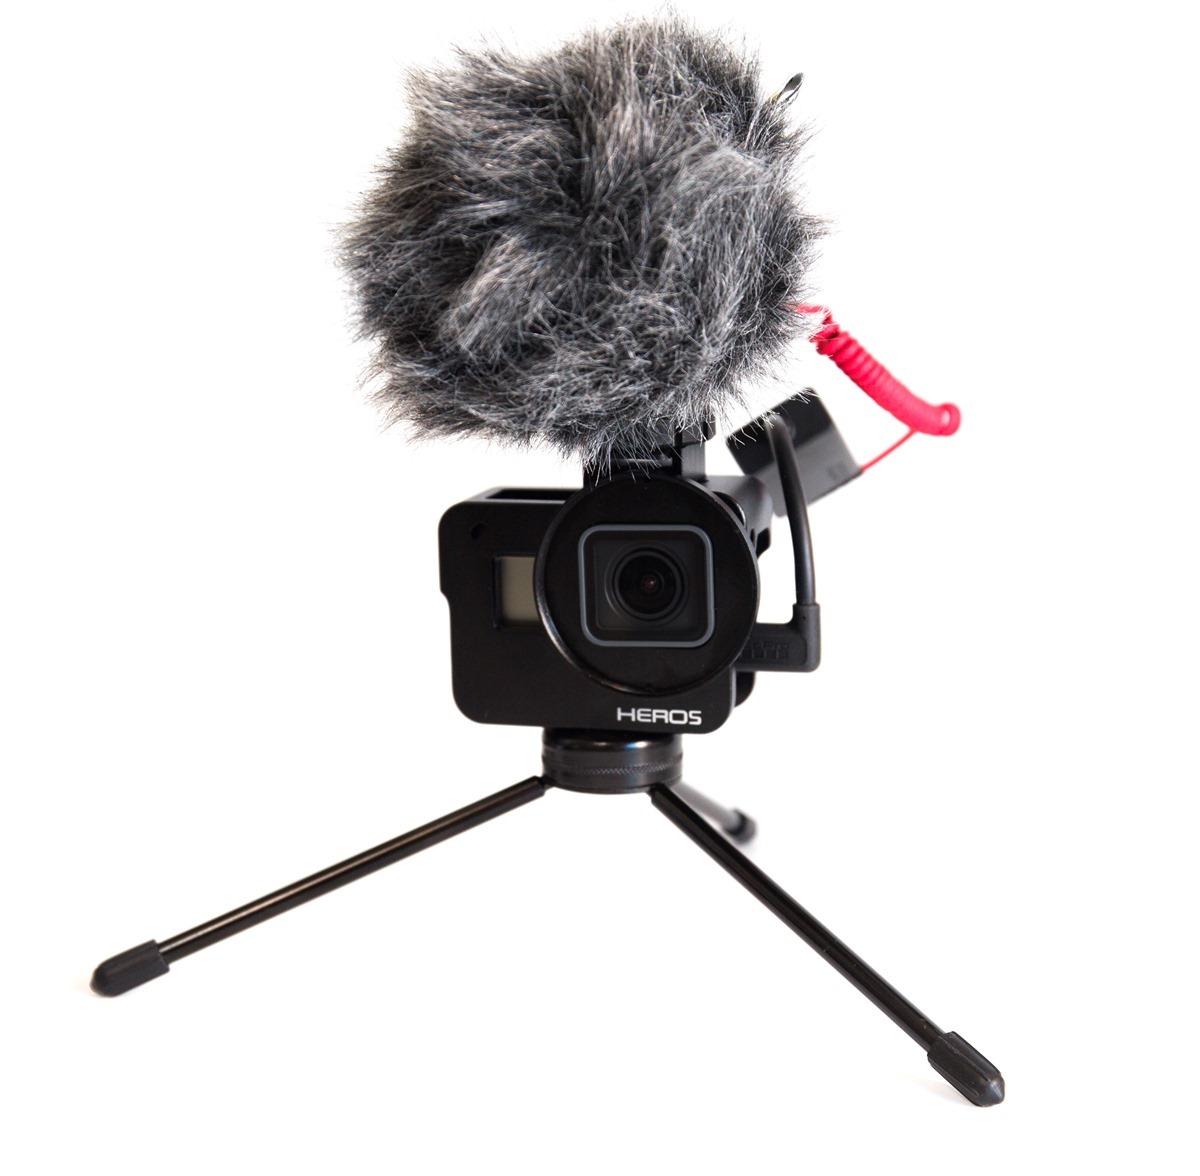 阿輝的 GoPro 6 週邊分享 (1) SLOPES 支架 / 嘴咬式固定座 / 麥克風轉接線 / 金屬框 / TELESIN 充電盒 @3C 達人廖阿輝